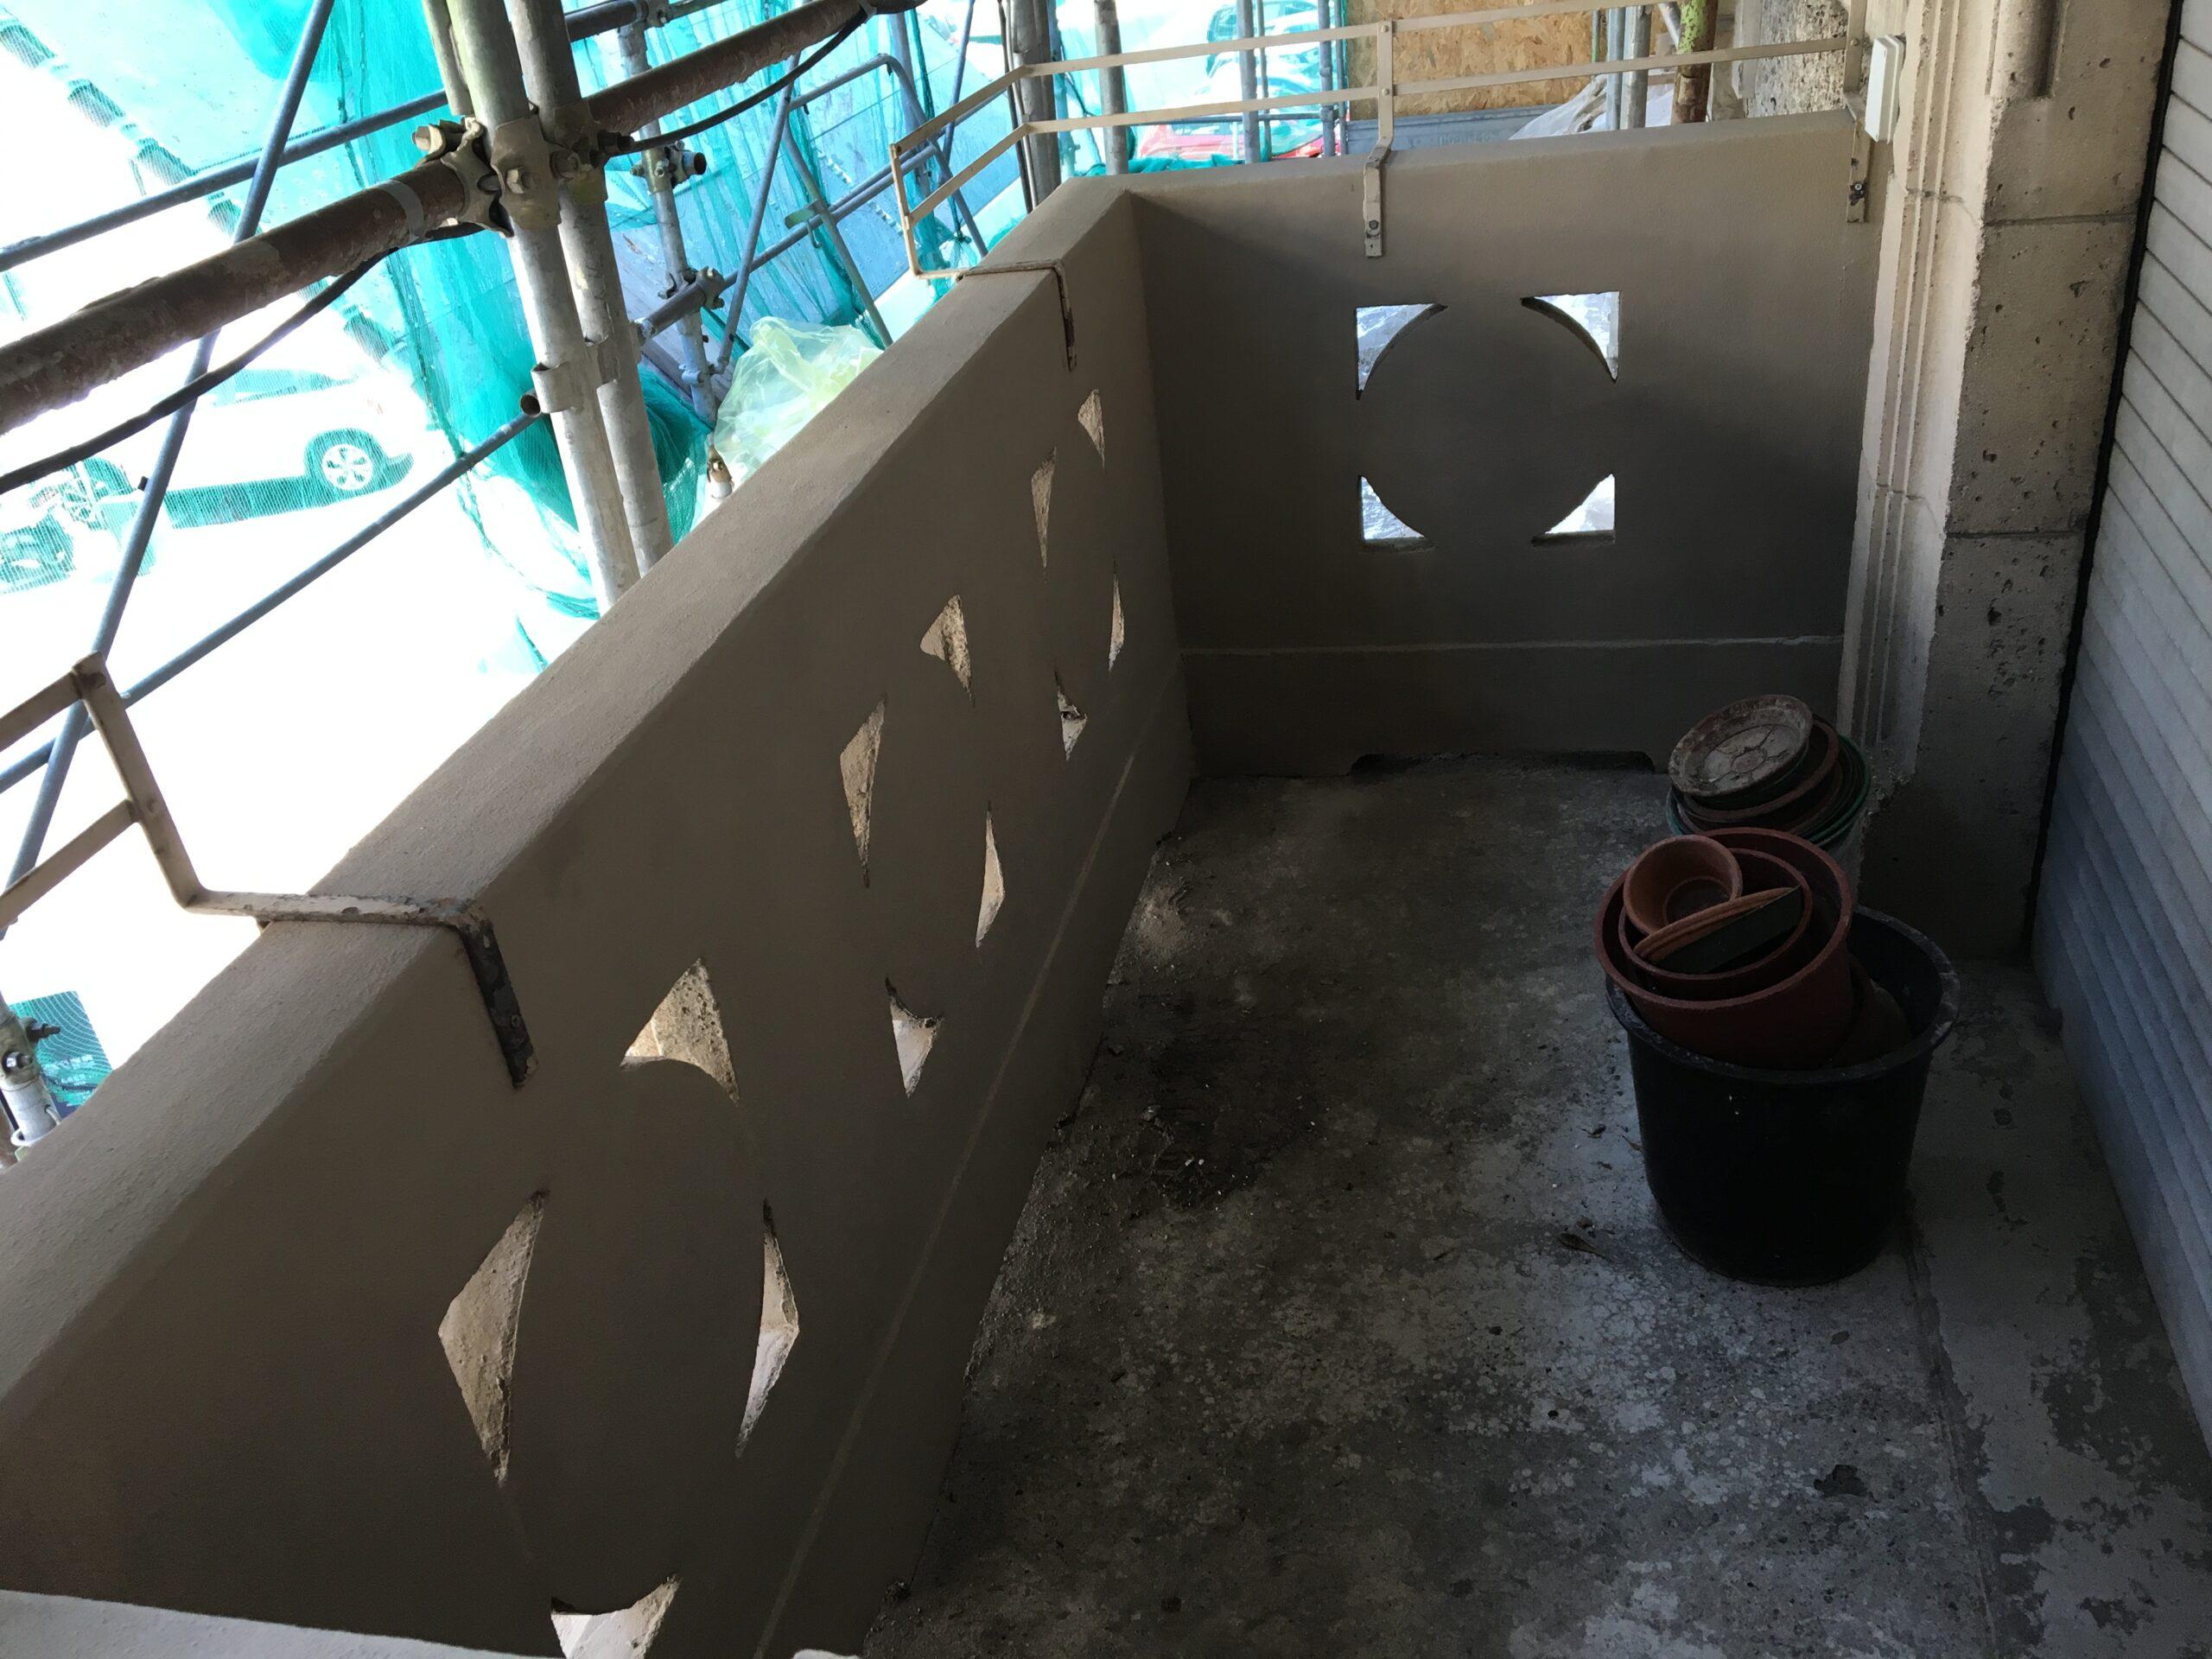 9. Parapetto in calcestruzzo armato vista lato interno: lavori in corso.